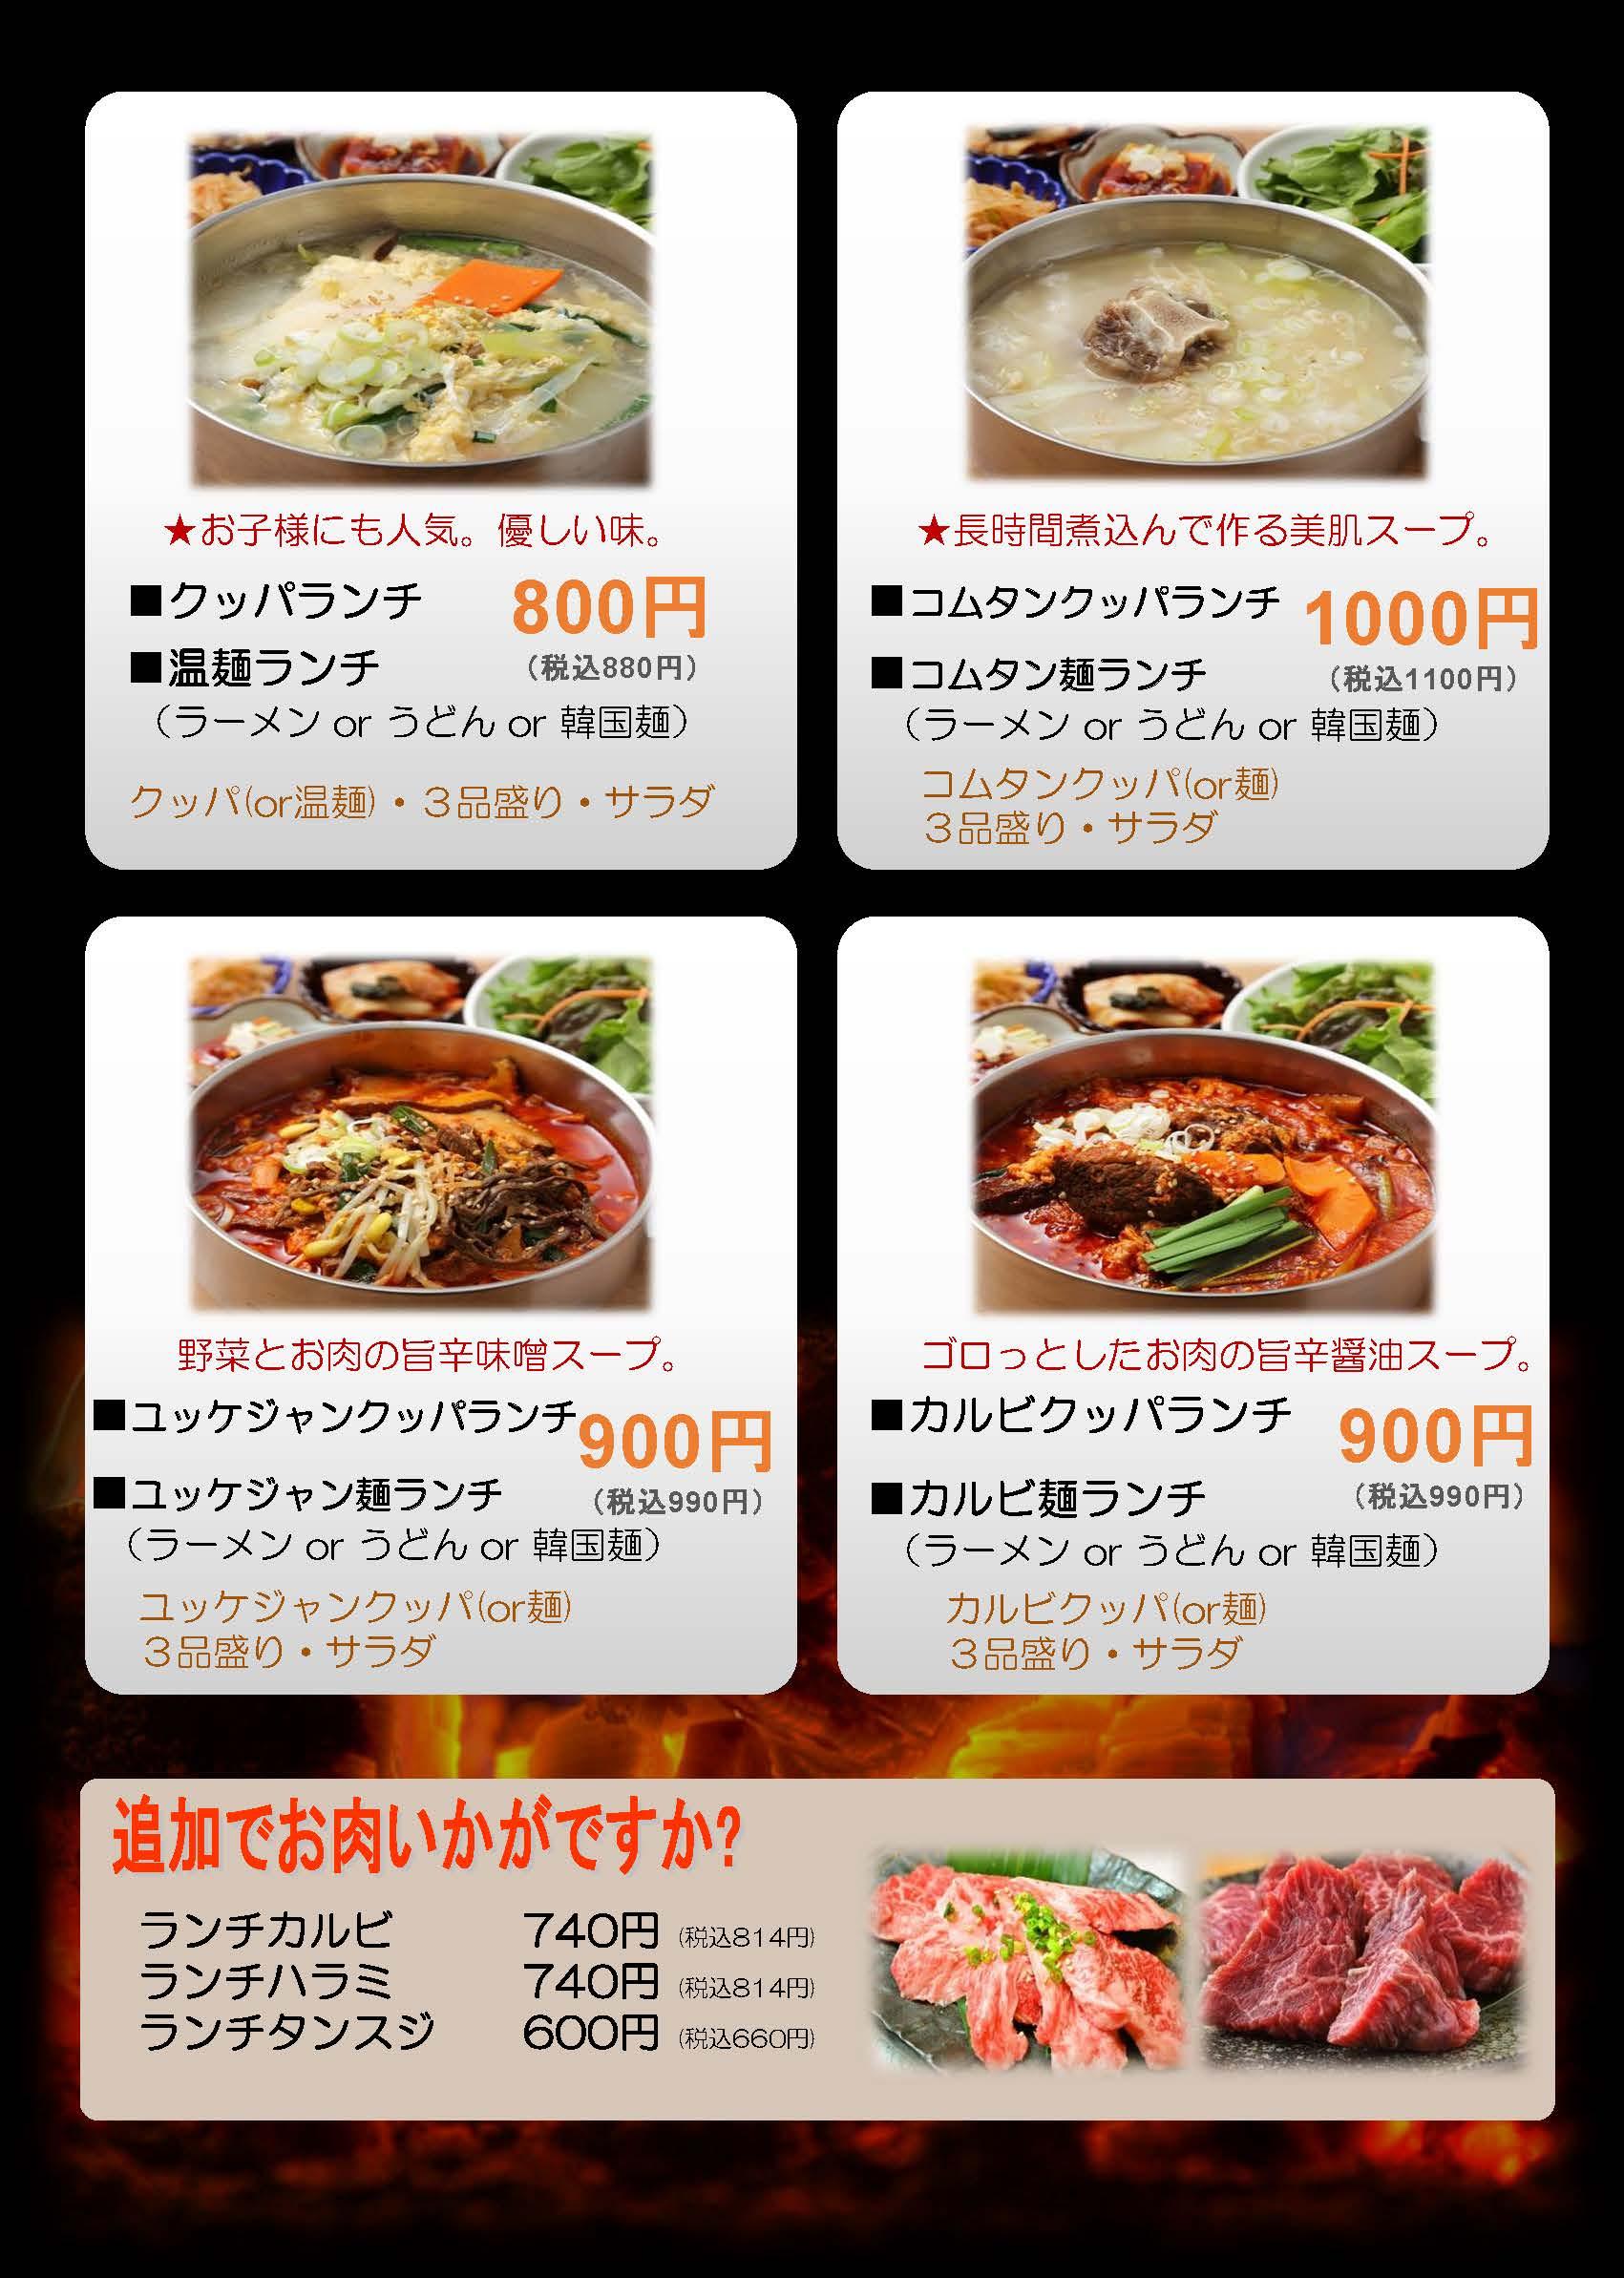 浦安店ランチメニュー3